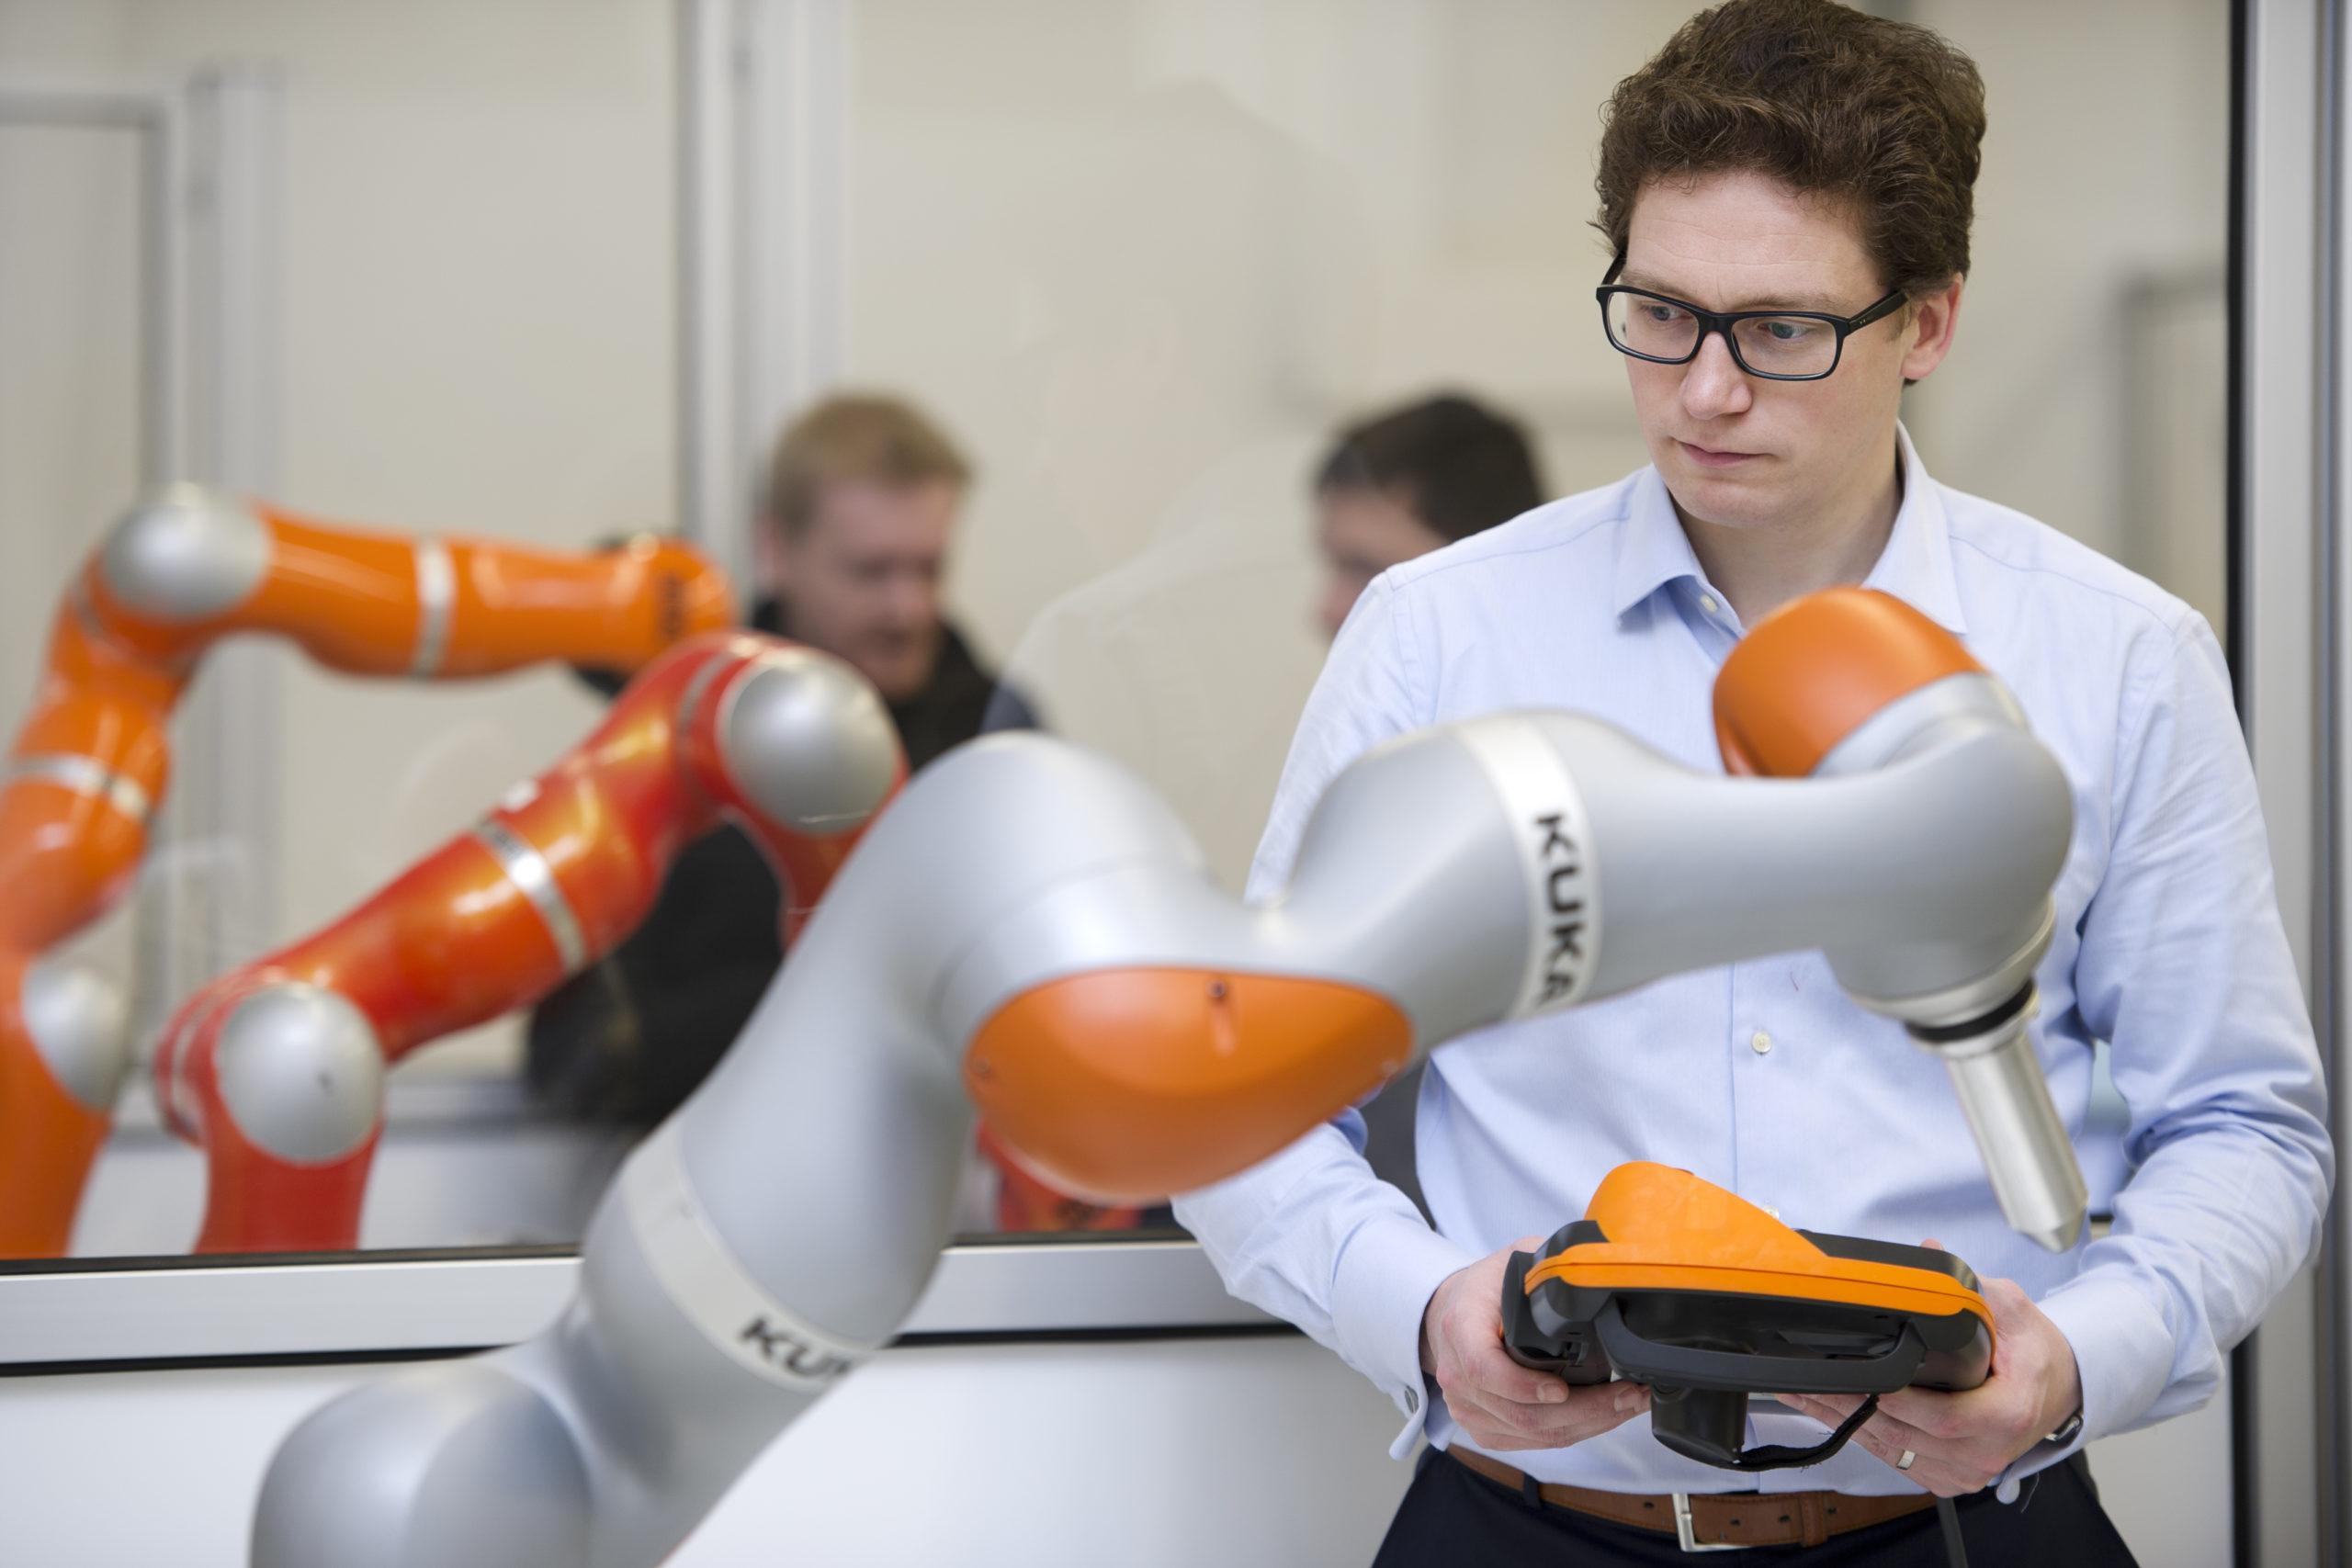 Robotik Region Augsburg Zukunft für Mensch und Industrie 4.0 KUKA